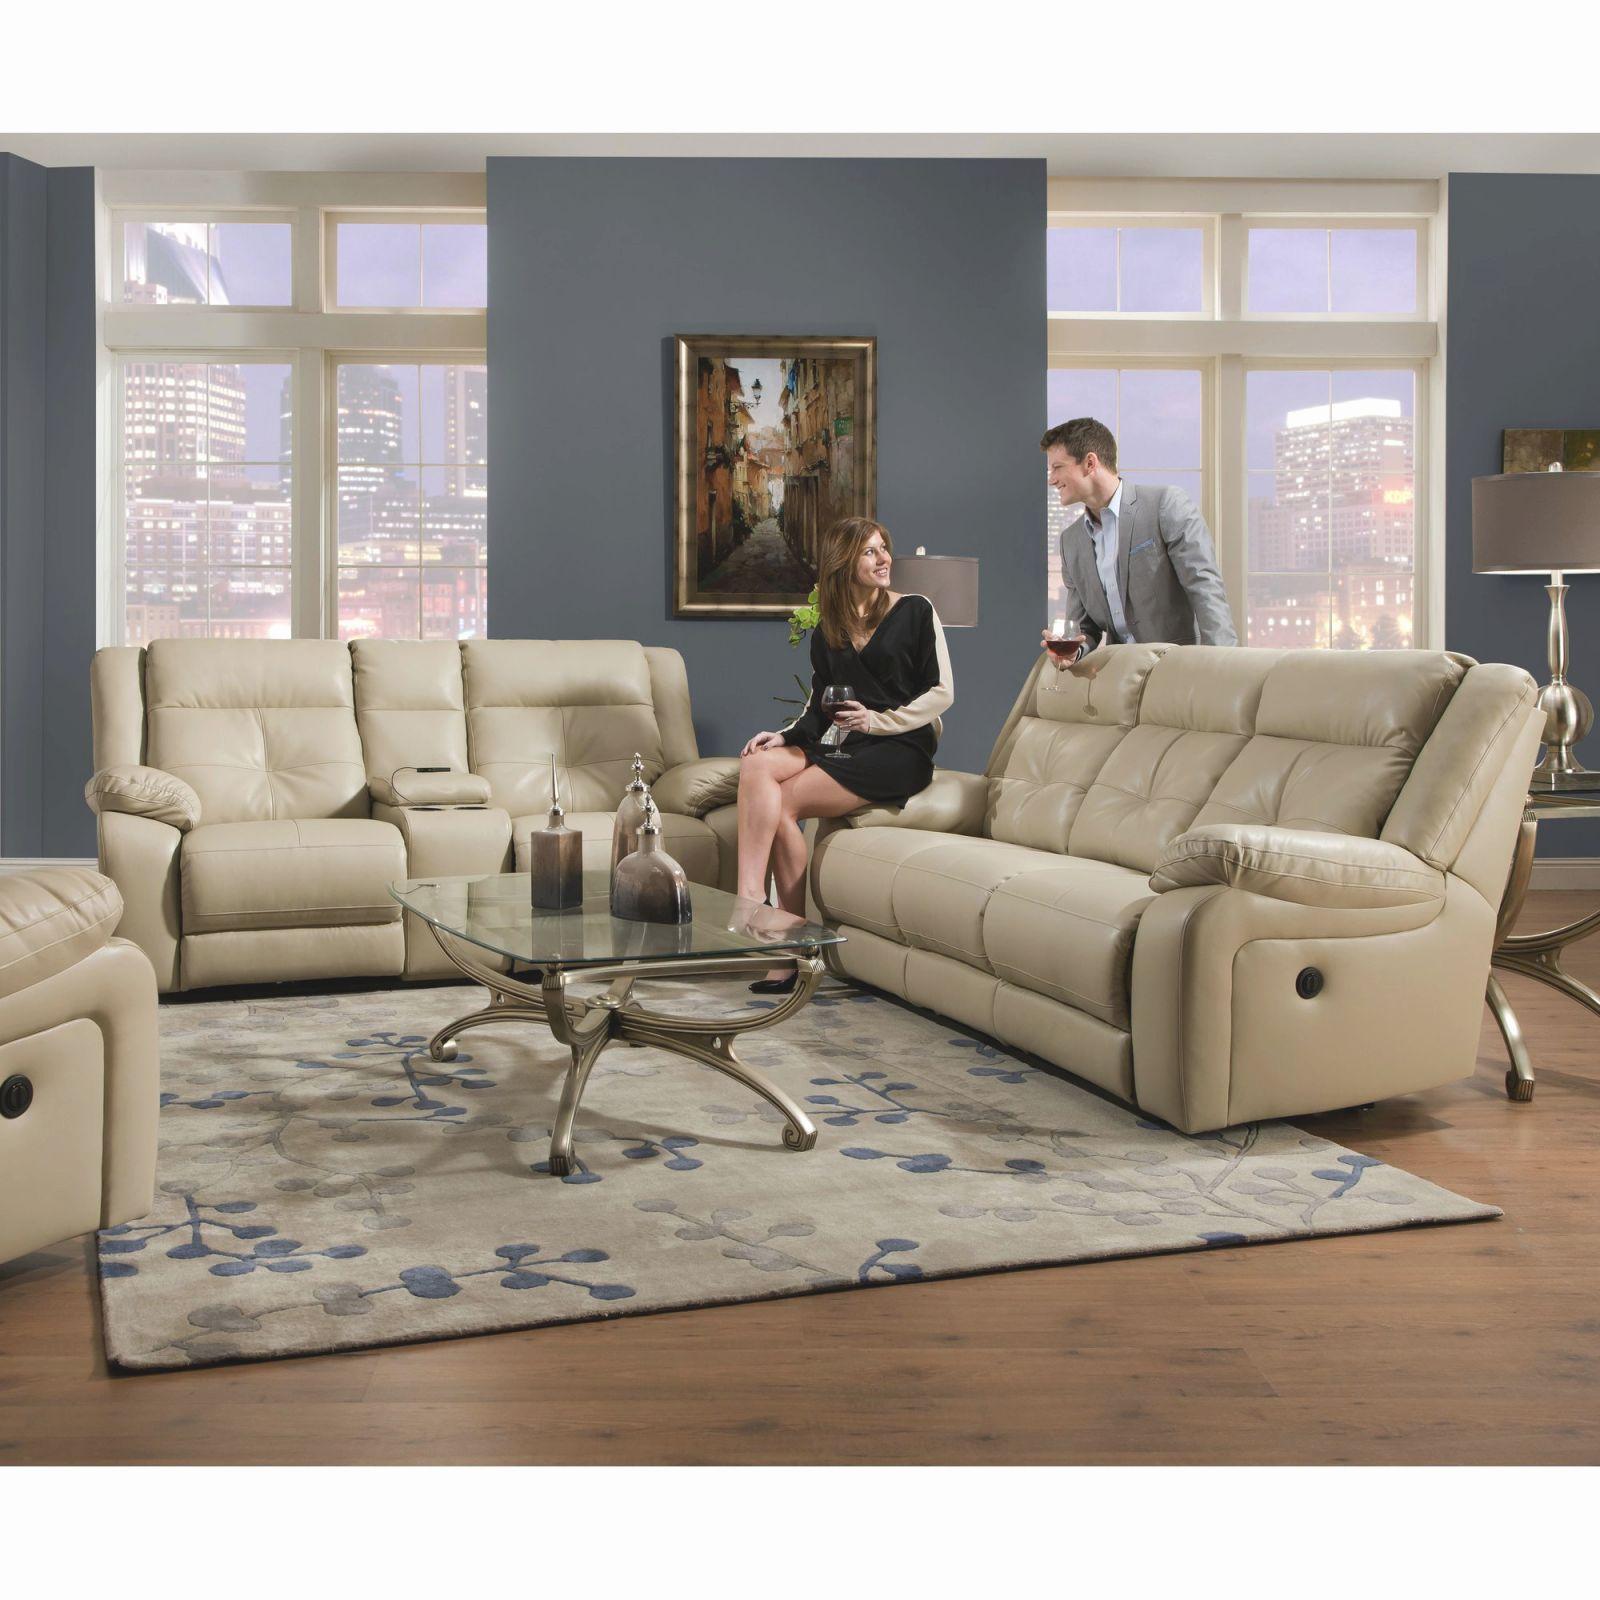 Menards Living Room Furniture Beautiful Menards Sofas Living for Menards Living Room Furniture